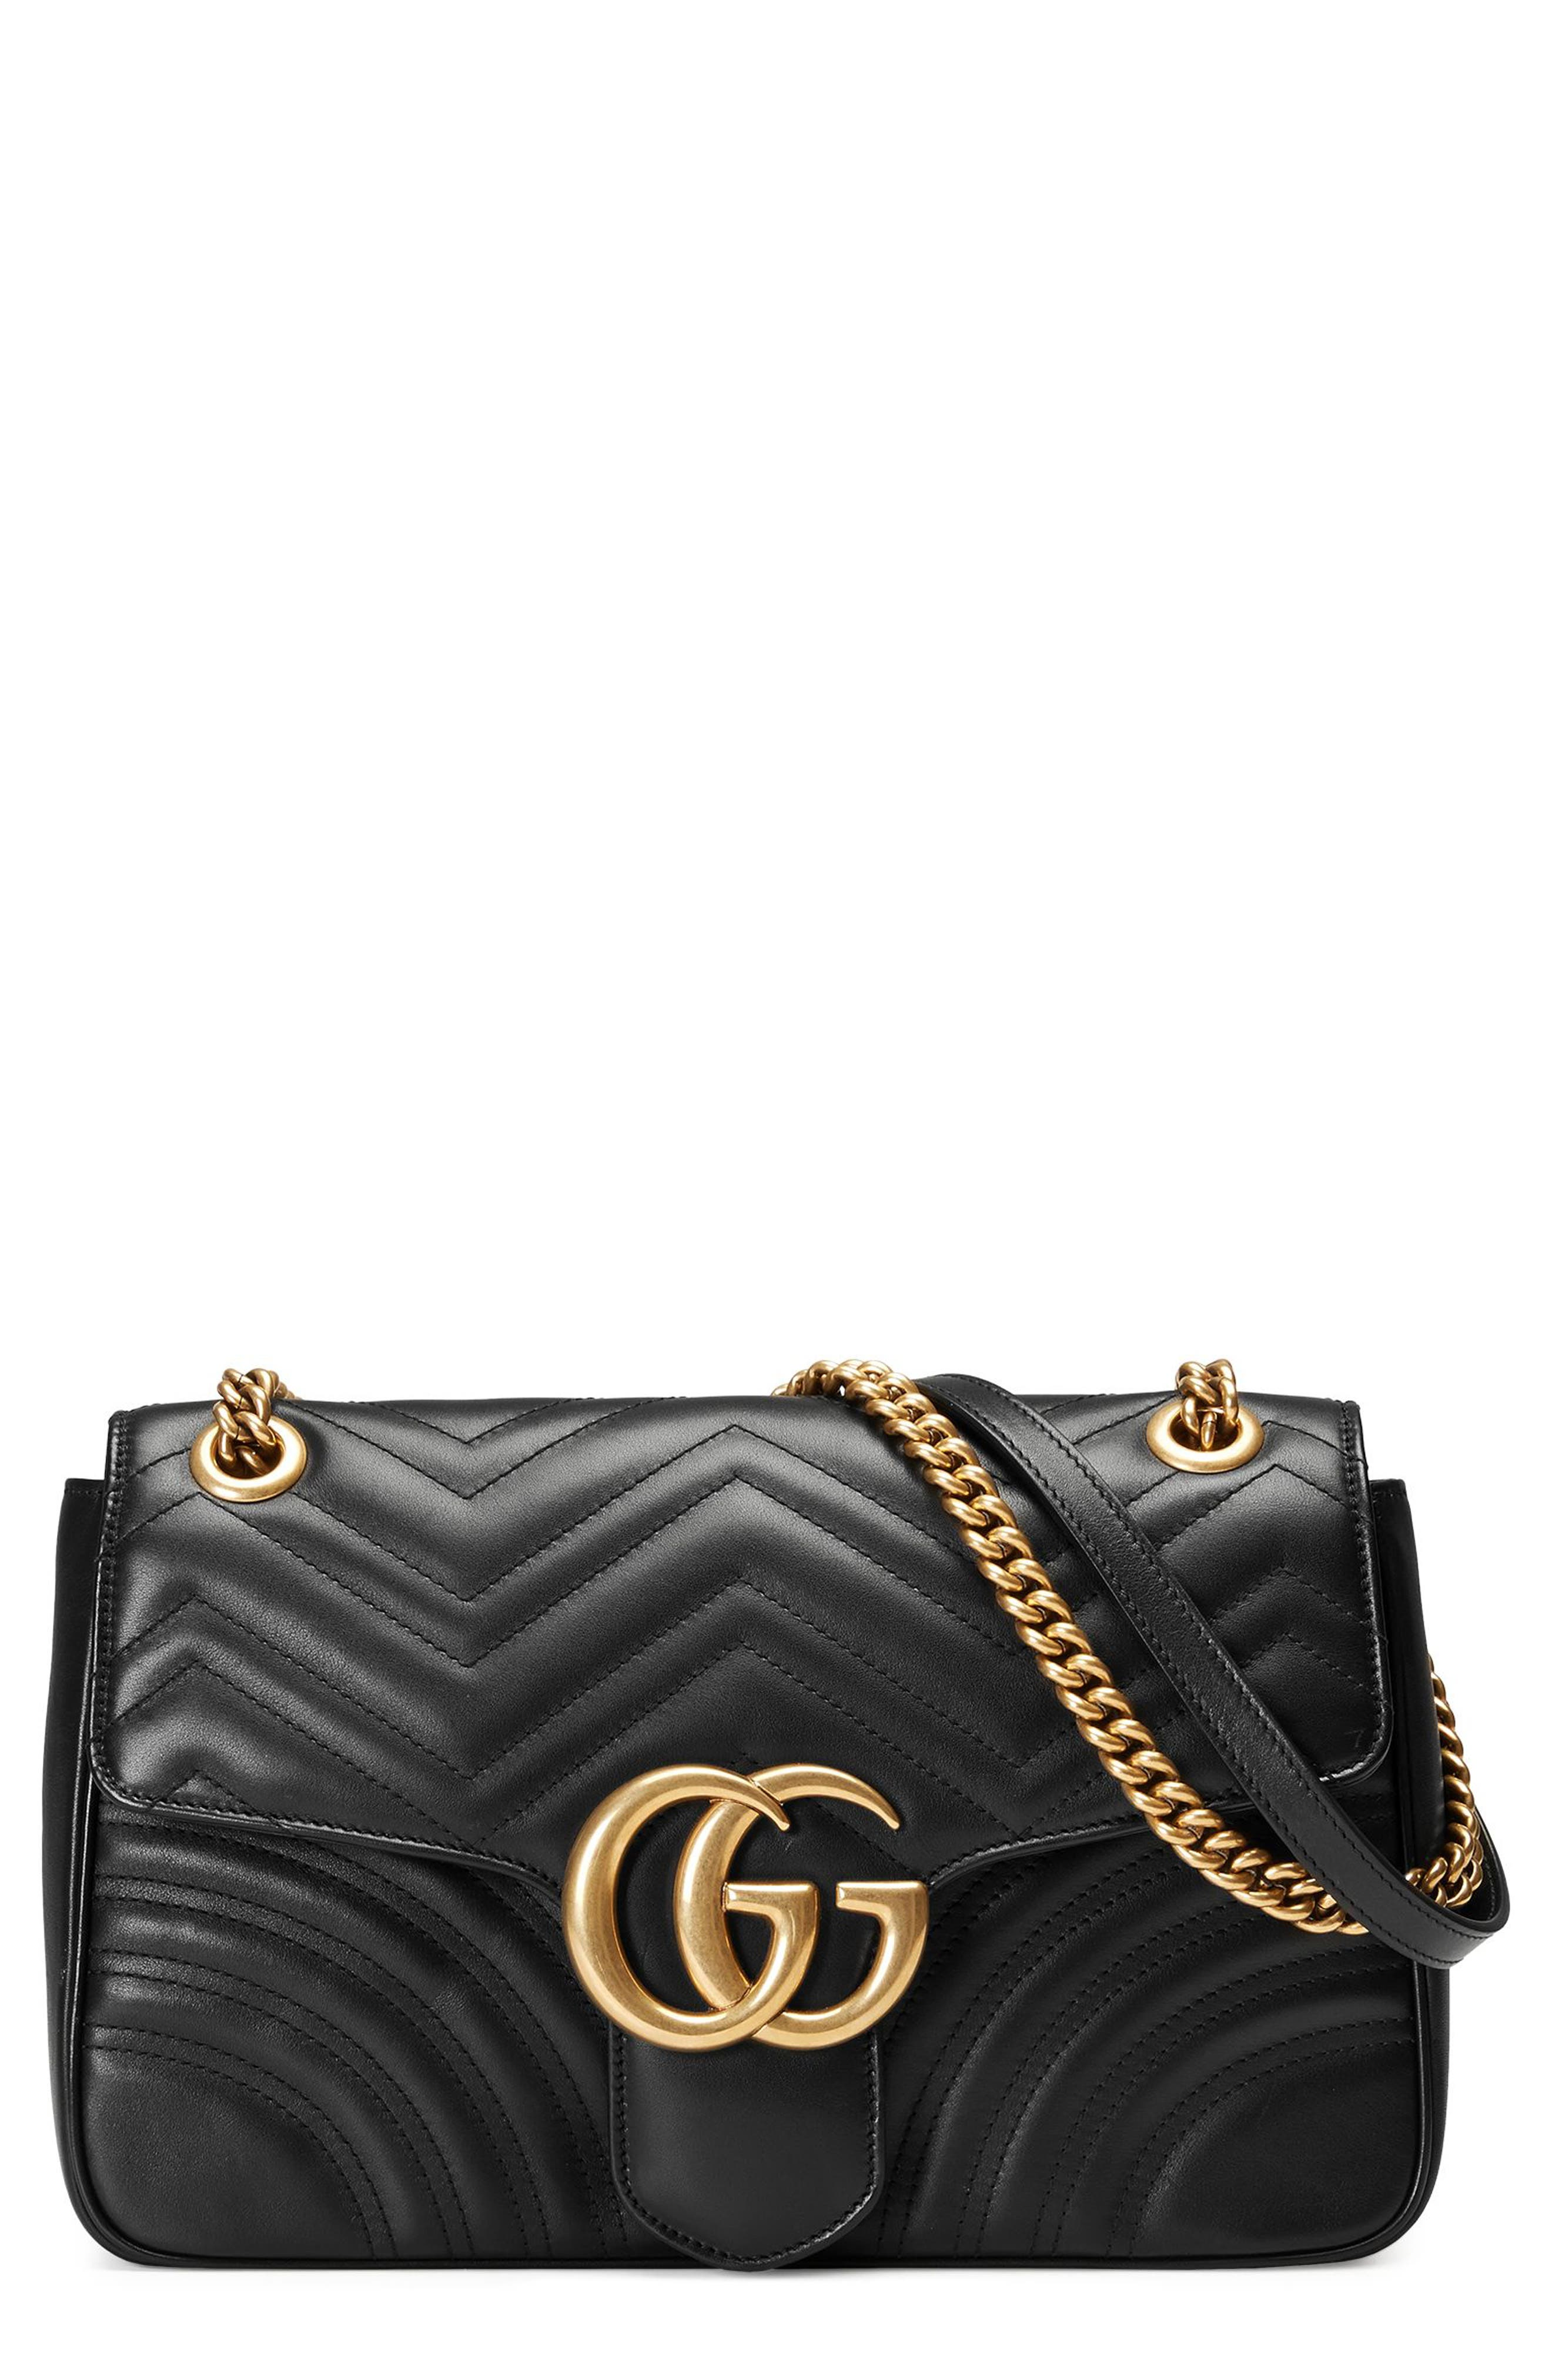 Gucci Medium GG Marmont 2.0 Tricolor Matelassé Leather Shoulder Bag